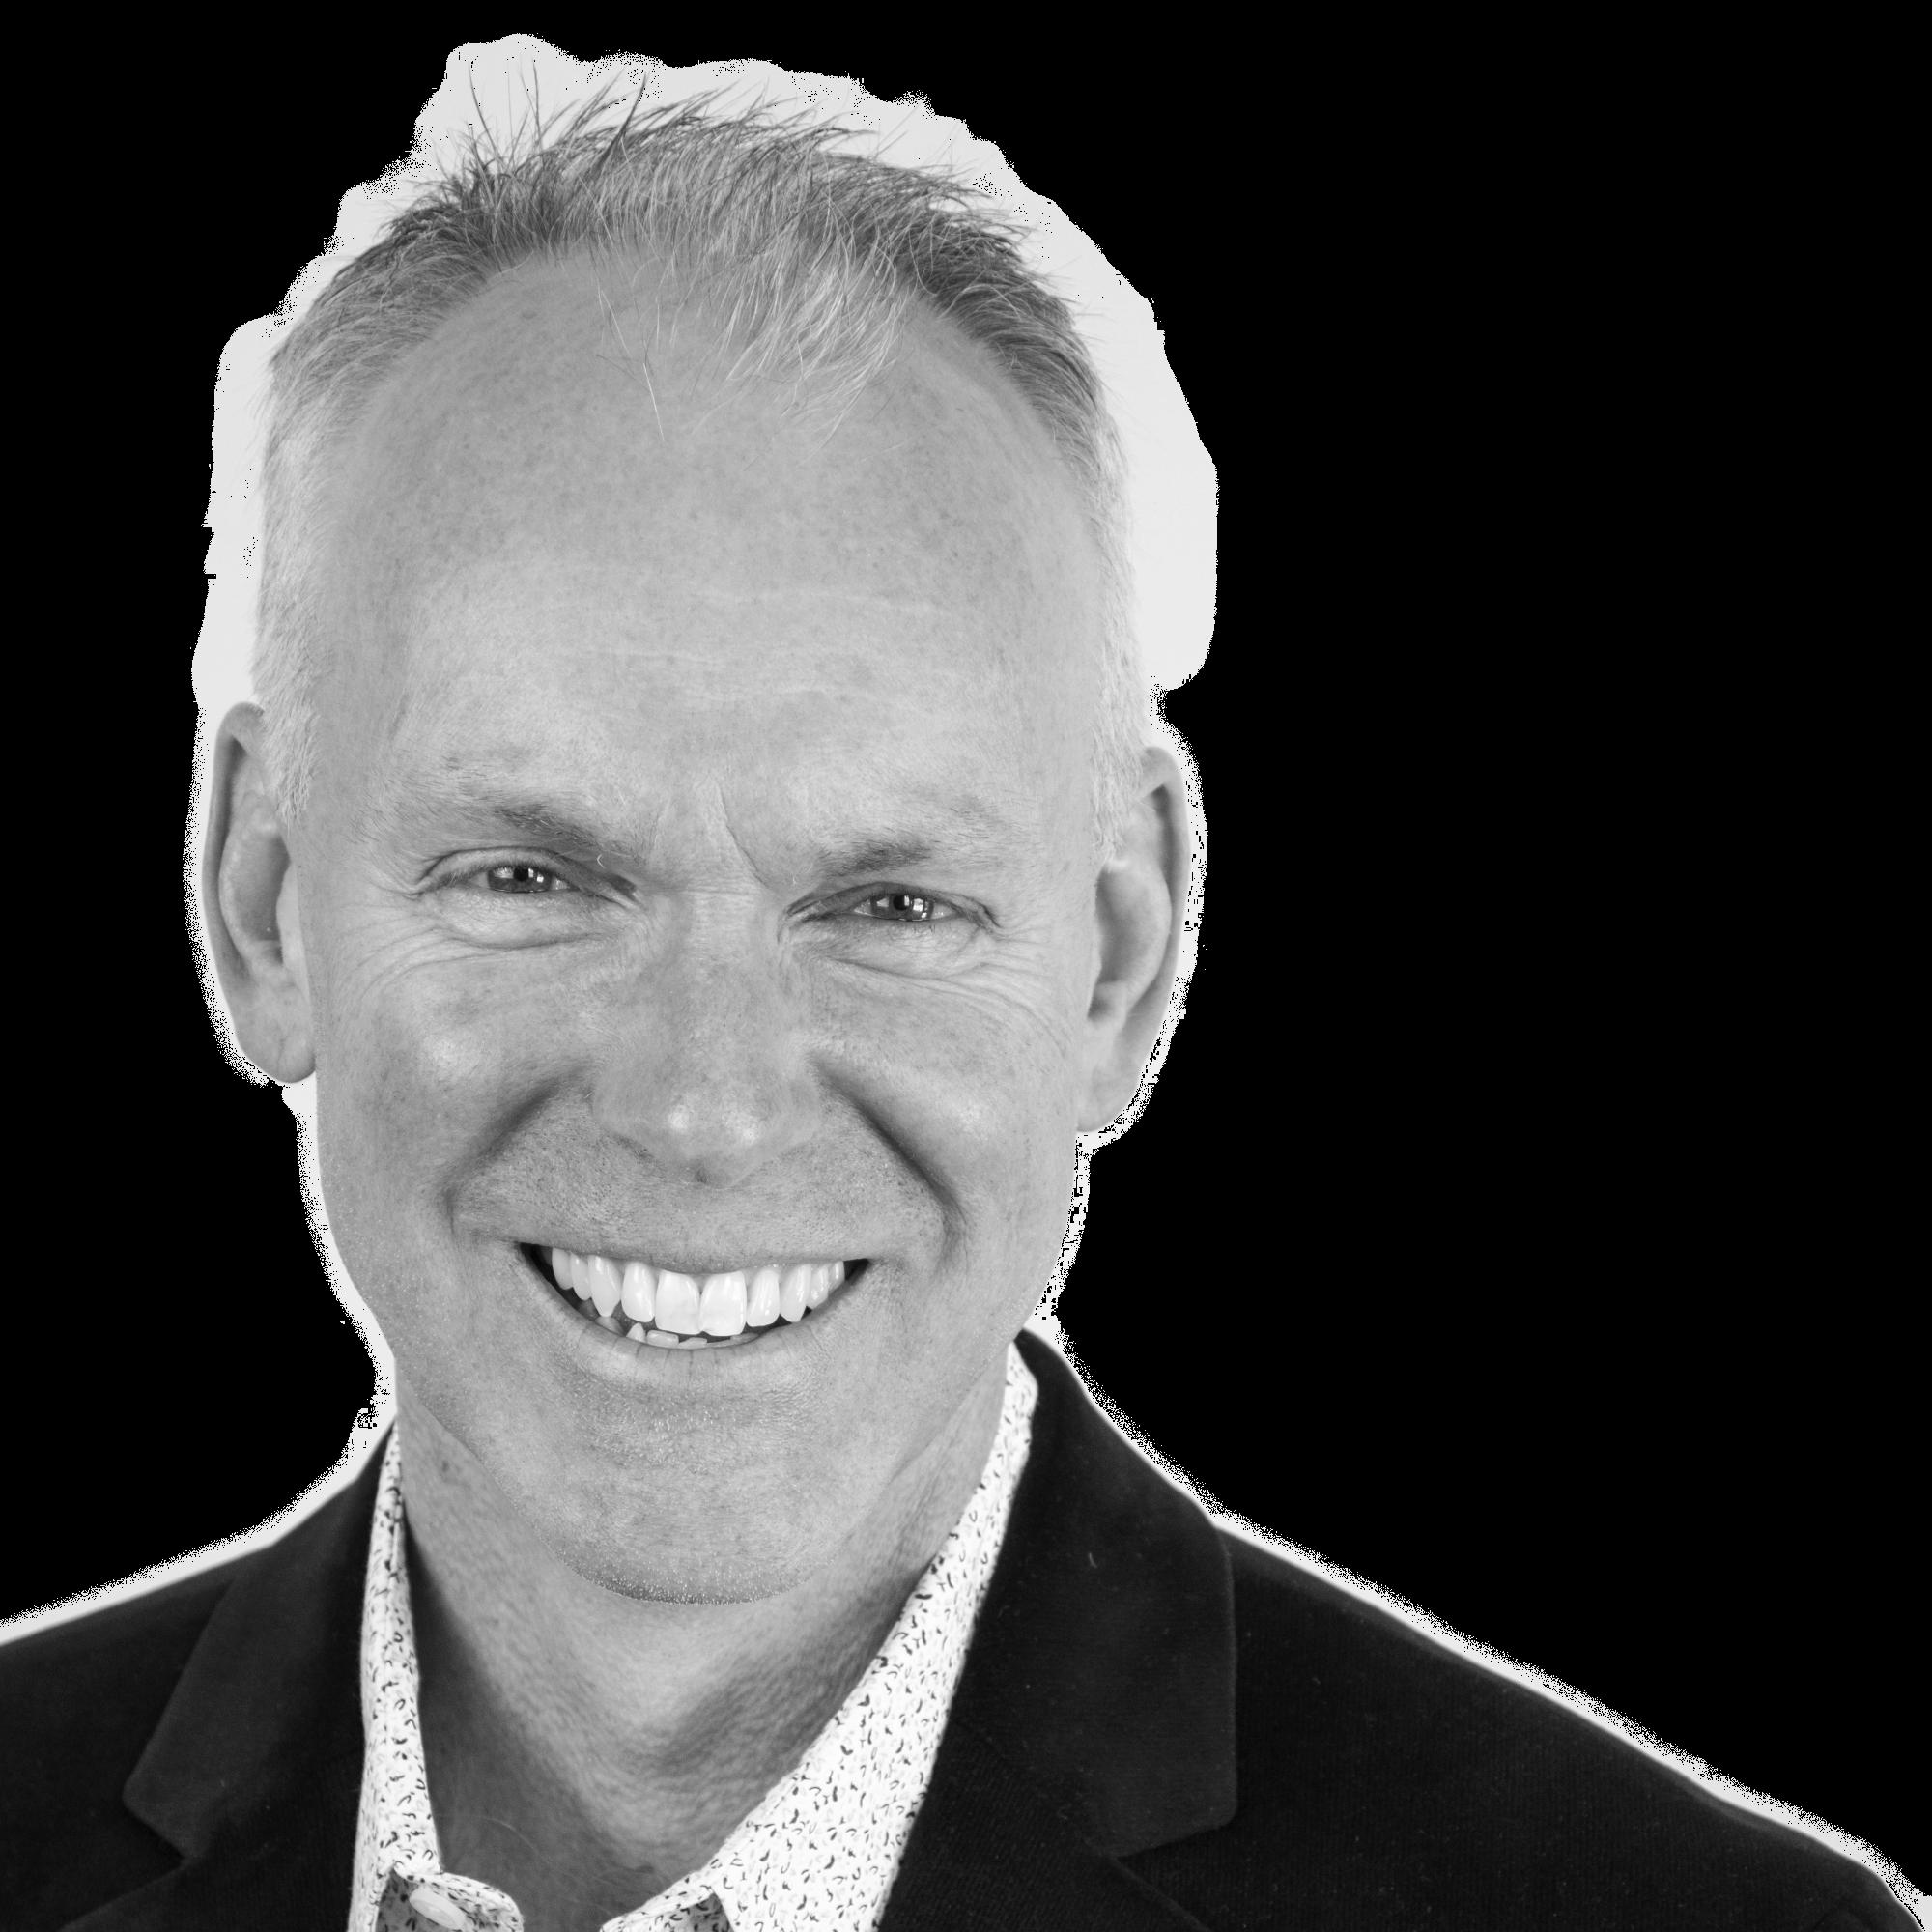 TEDxURI 2019 speaker - Pete Hunt